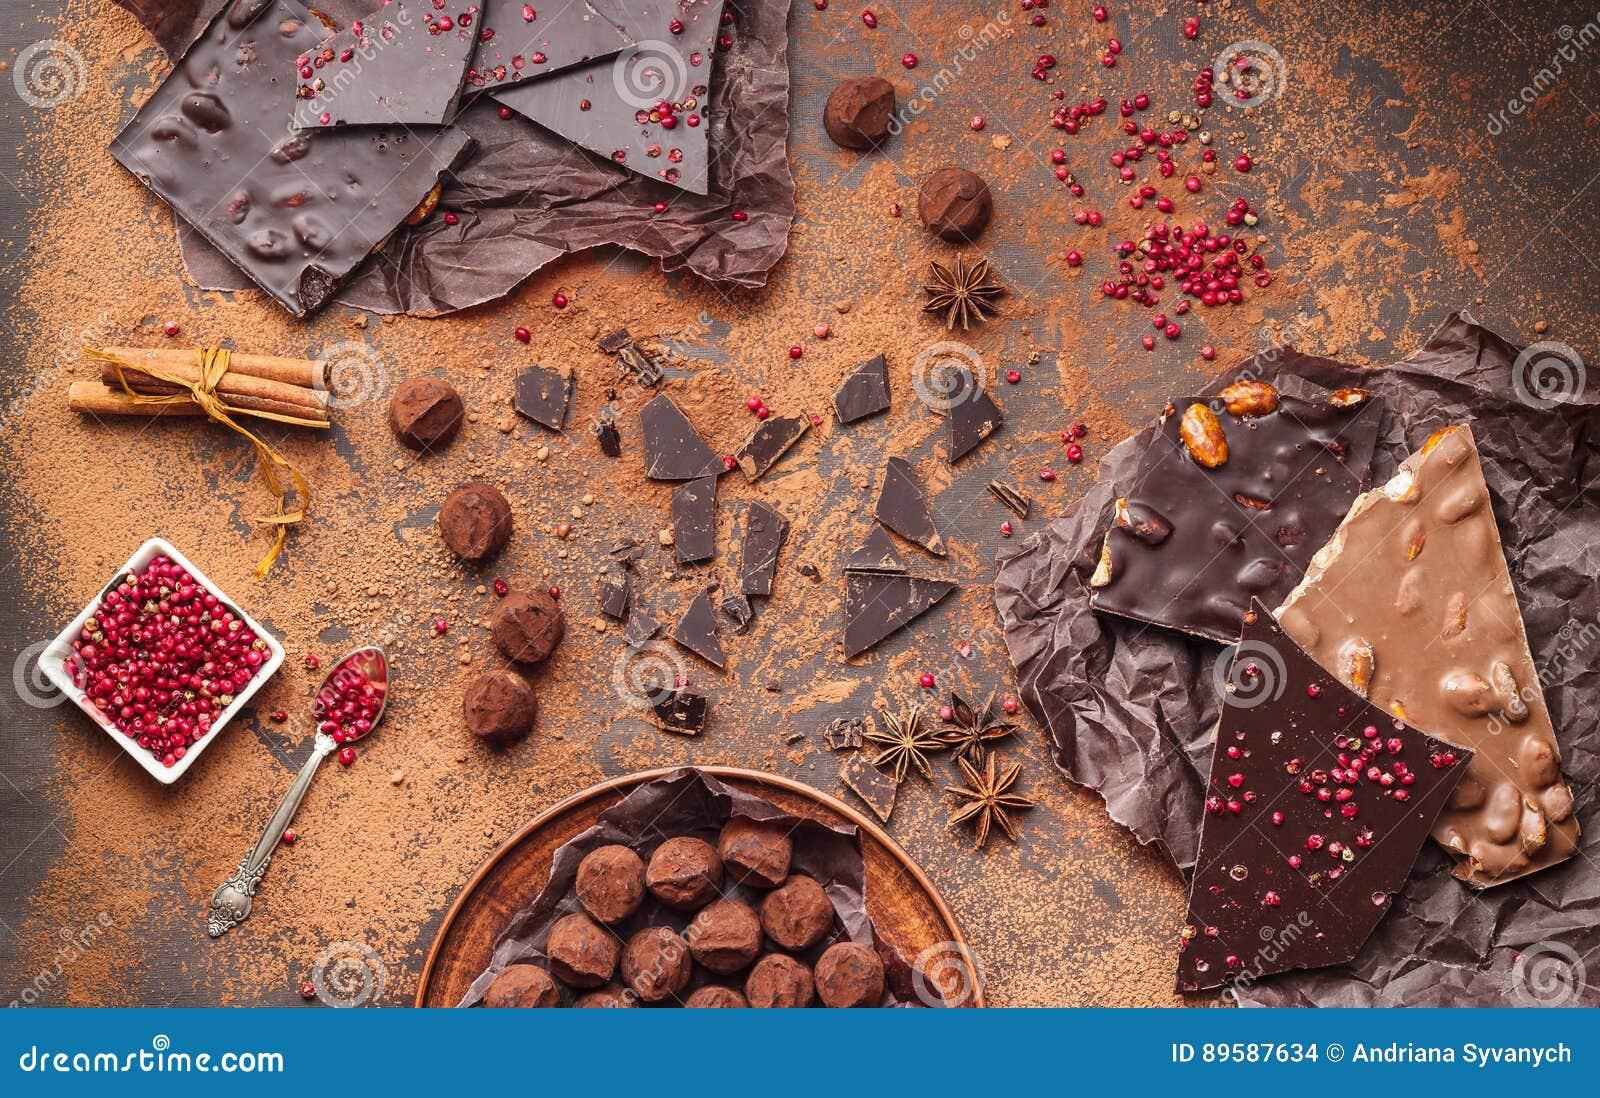 Surtido de barras de chocolate, de trufas, de especias y de polvo de cacao